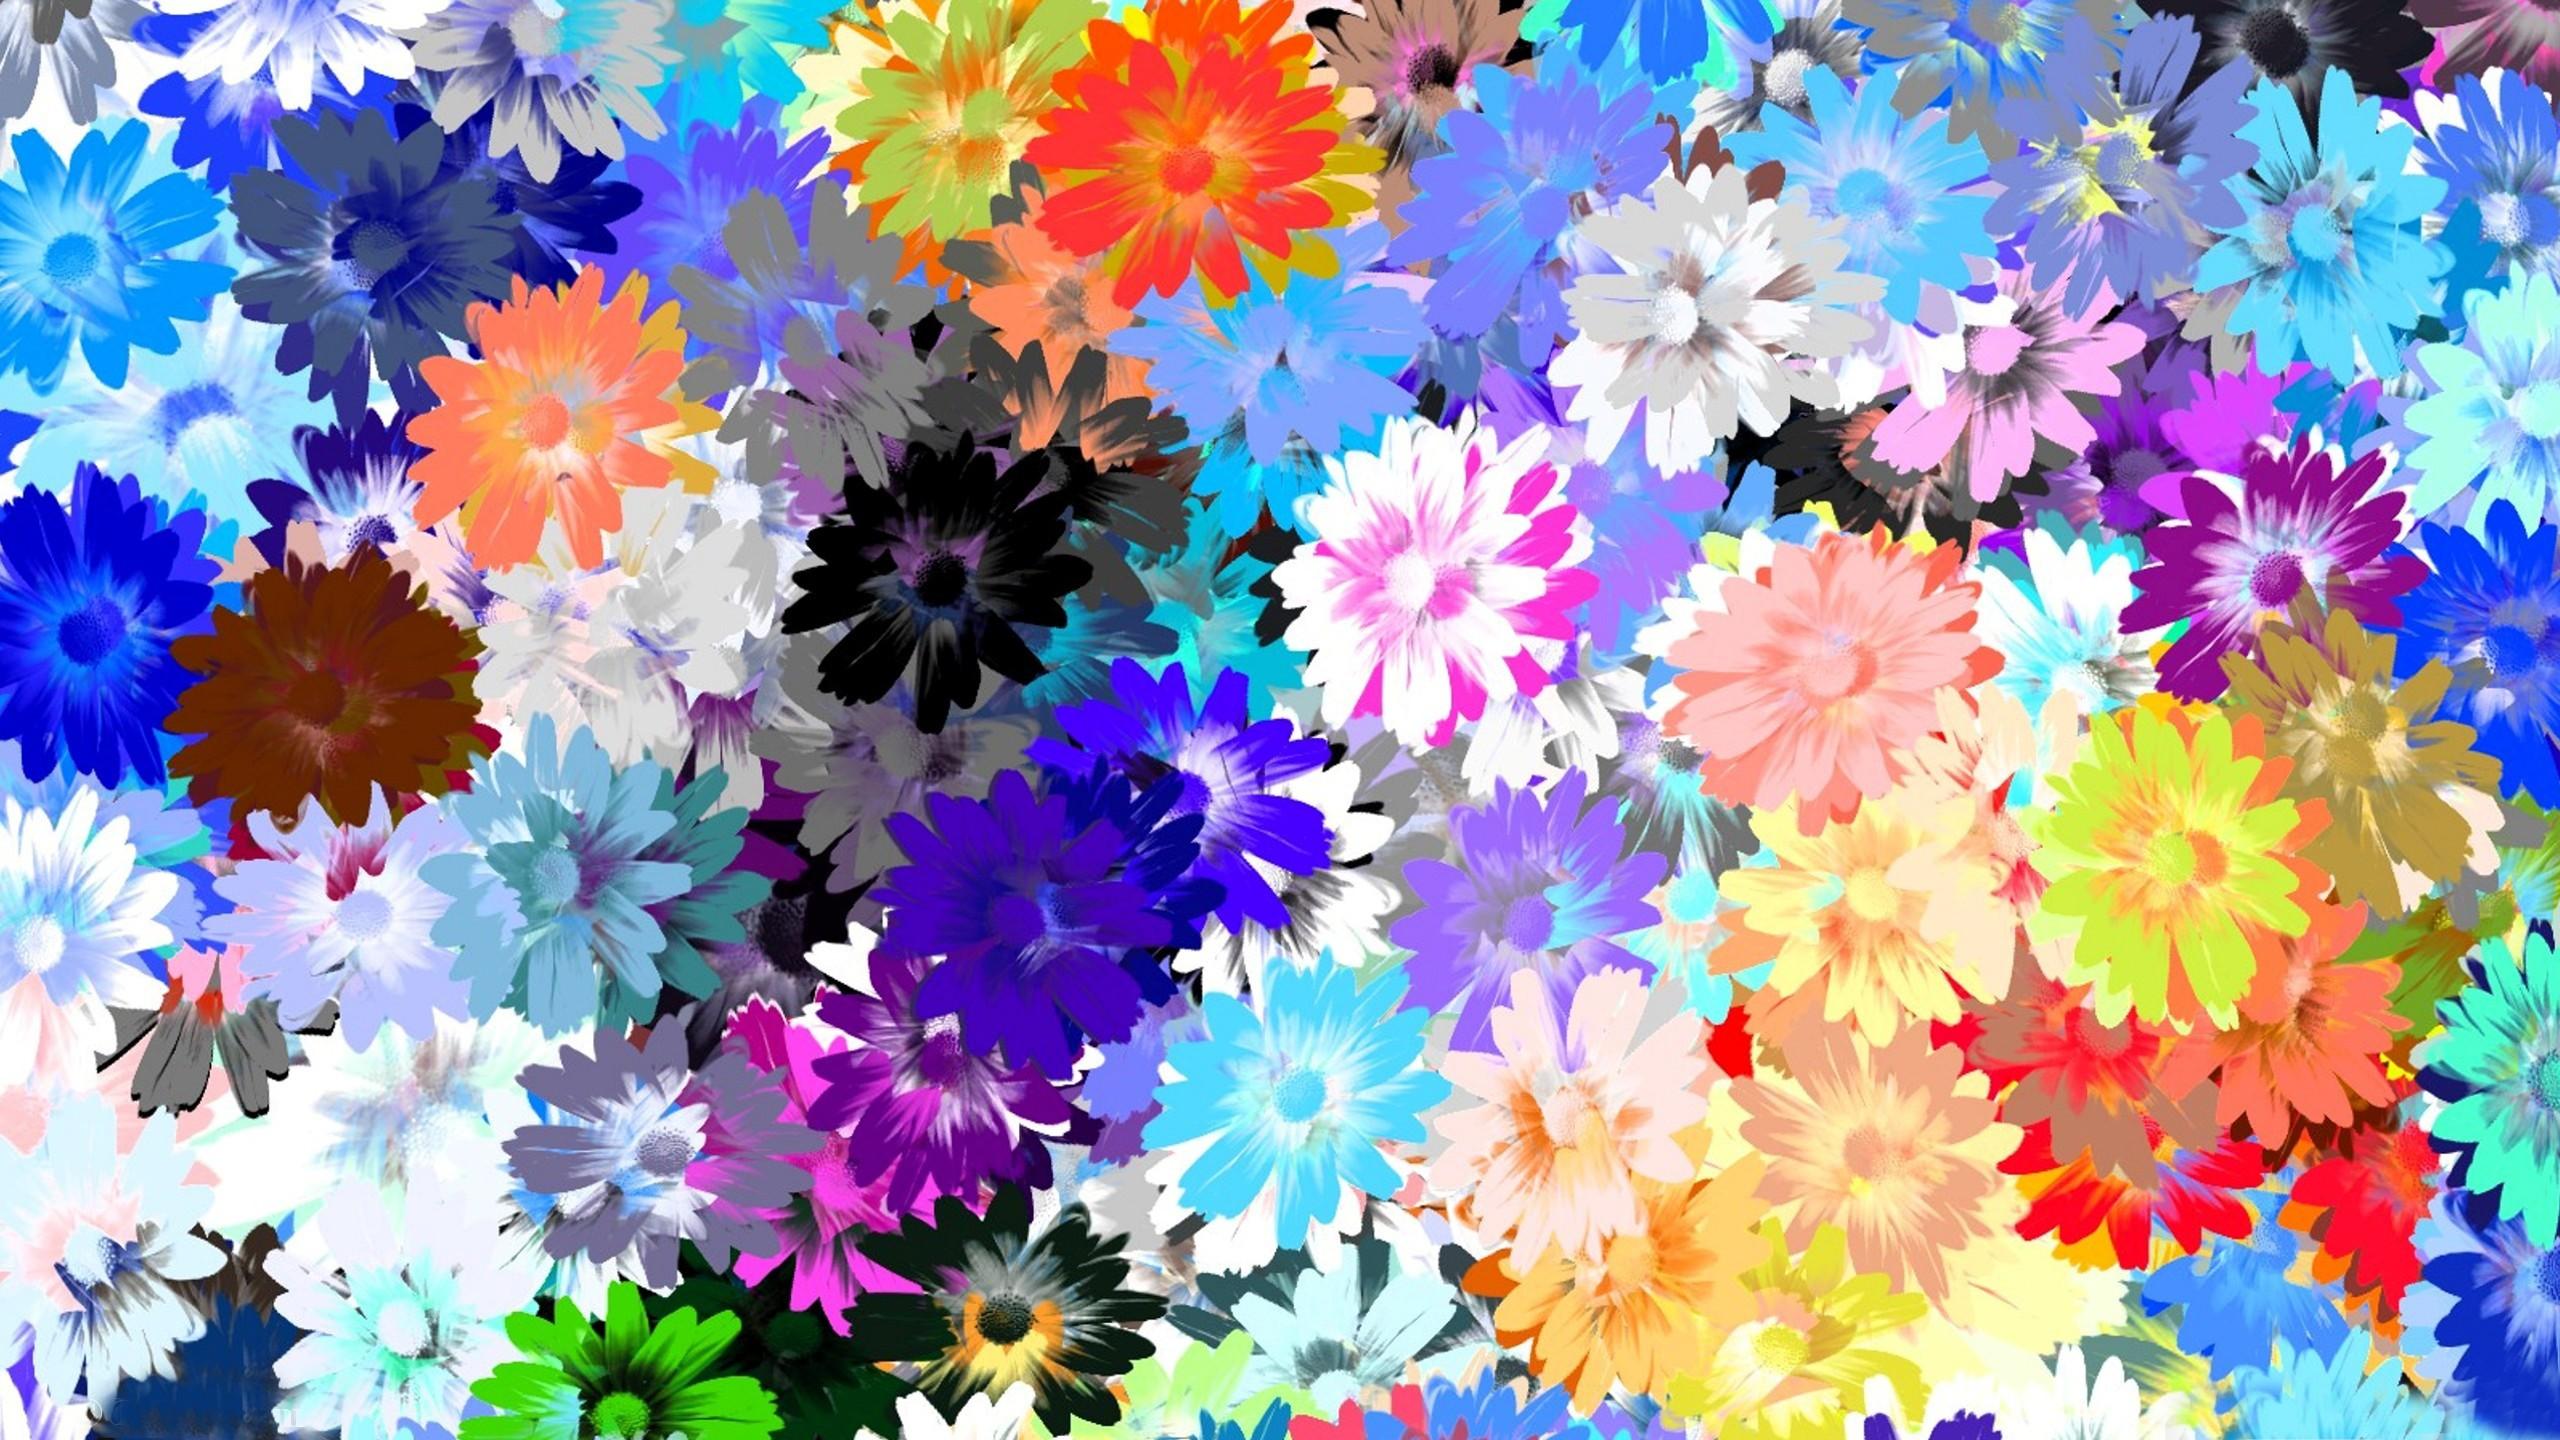 Textura de flores - 2560x1440